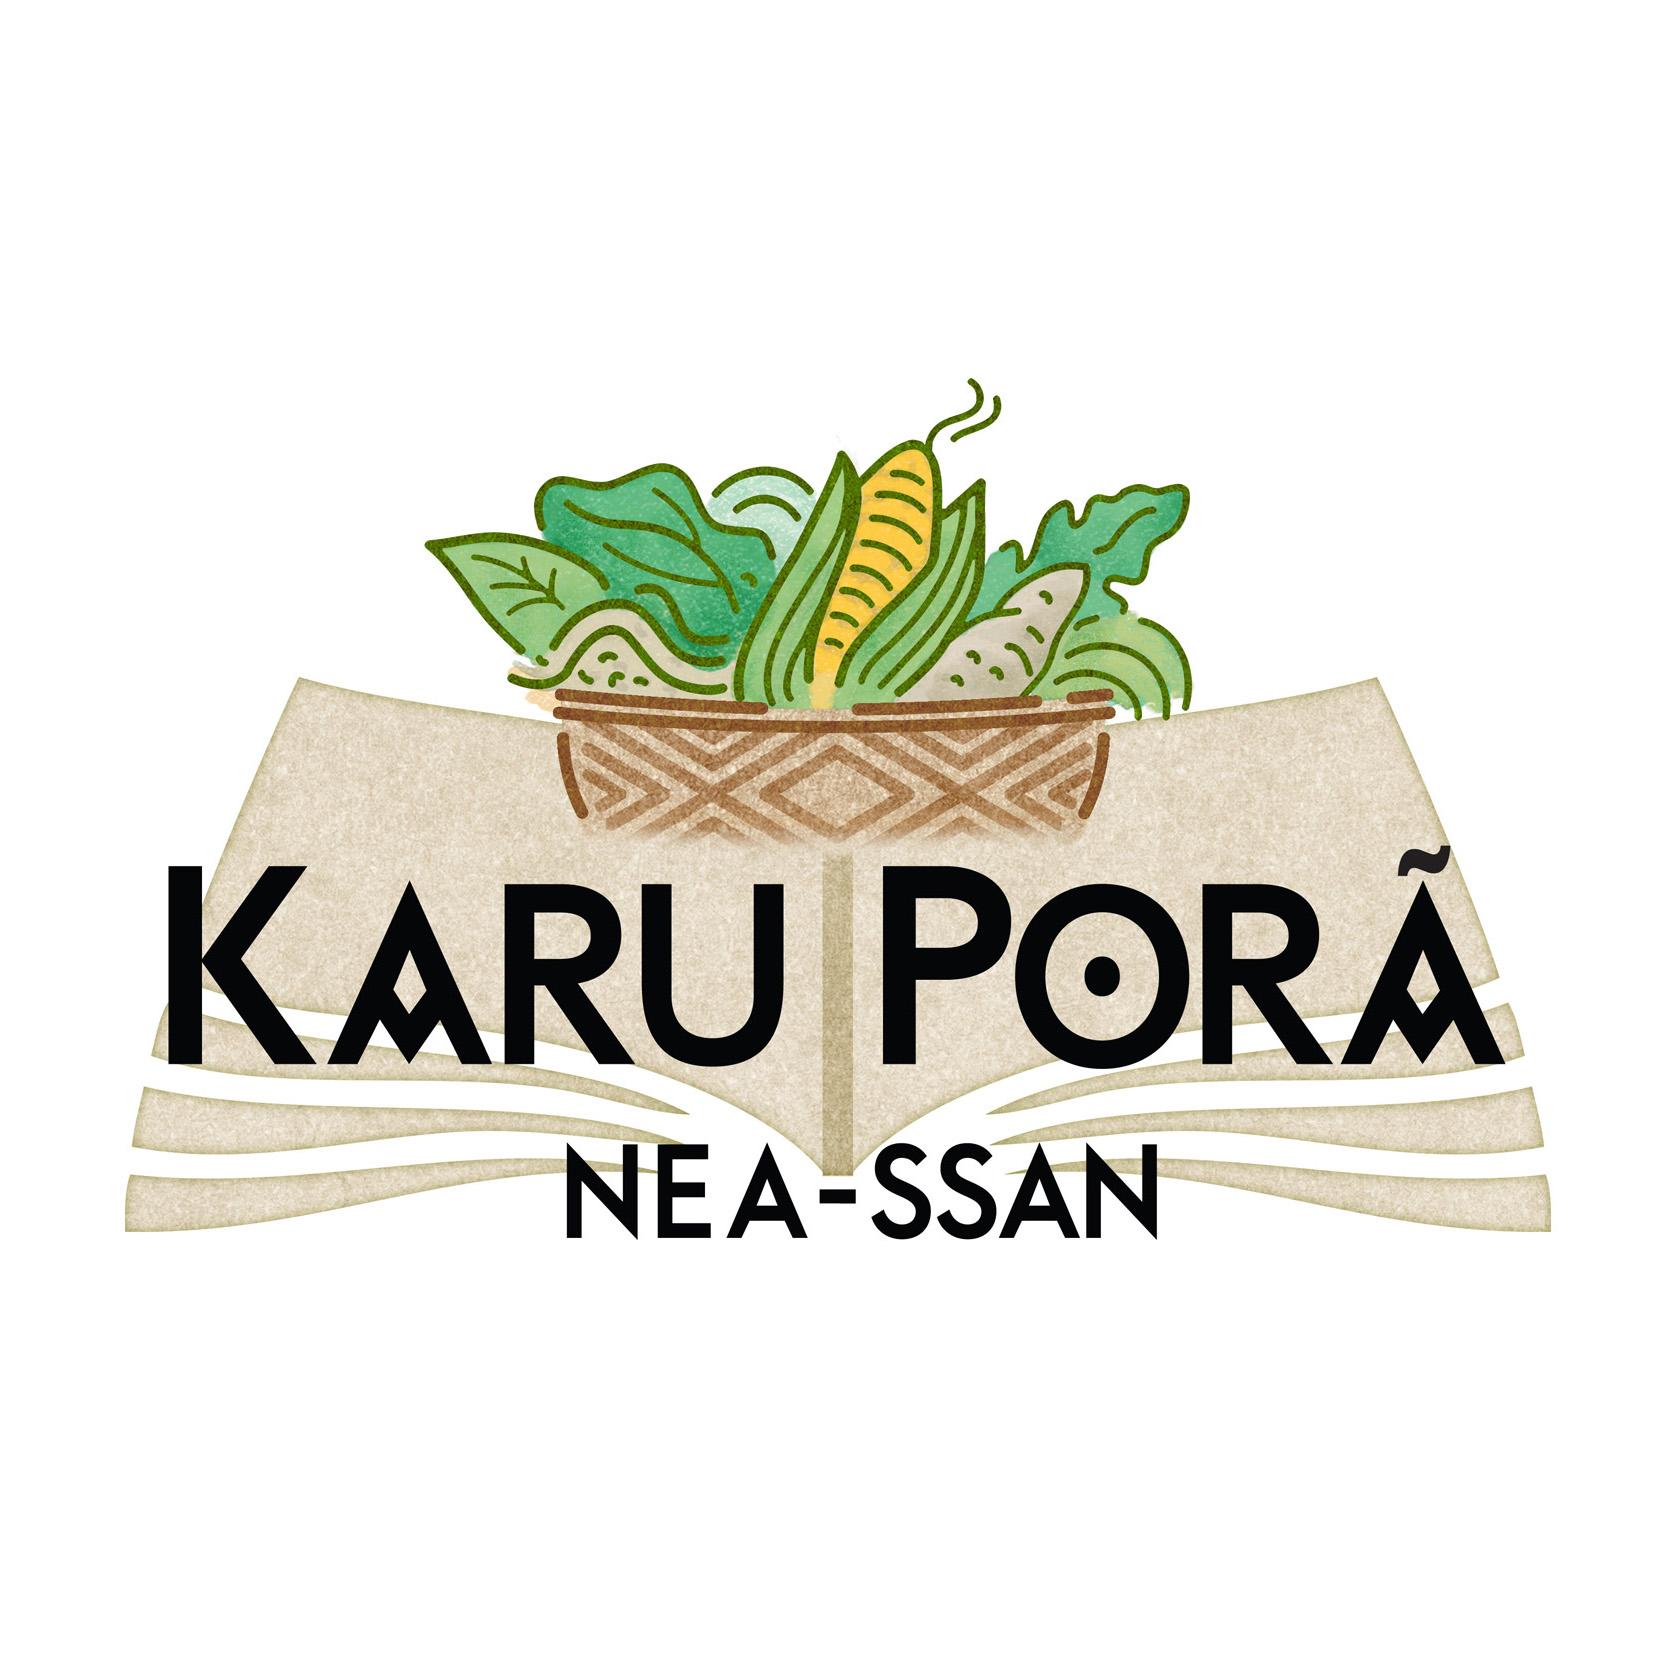 Karu Porã